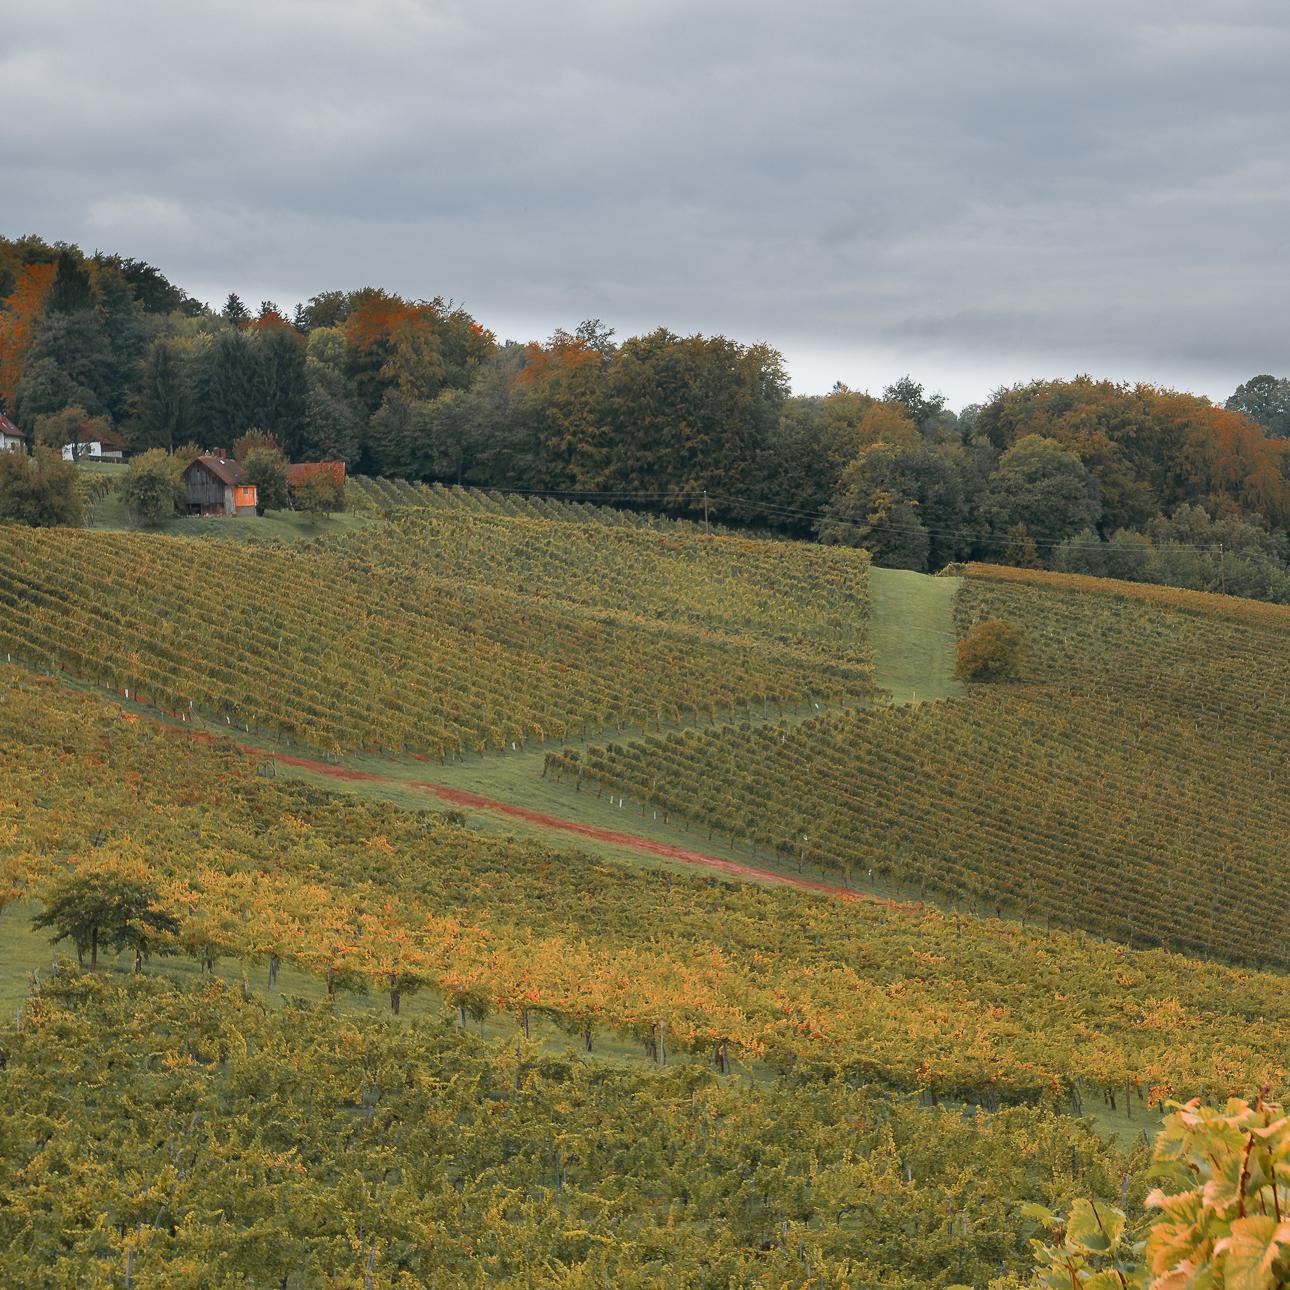 Fotokurs Steiermark Weinstrae Steirische Toskana Fotoworkshop 1080679